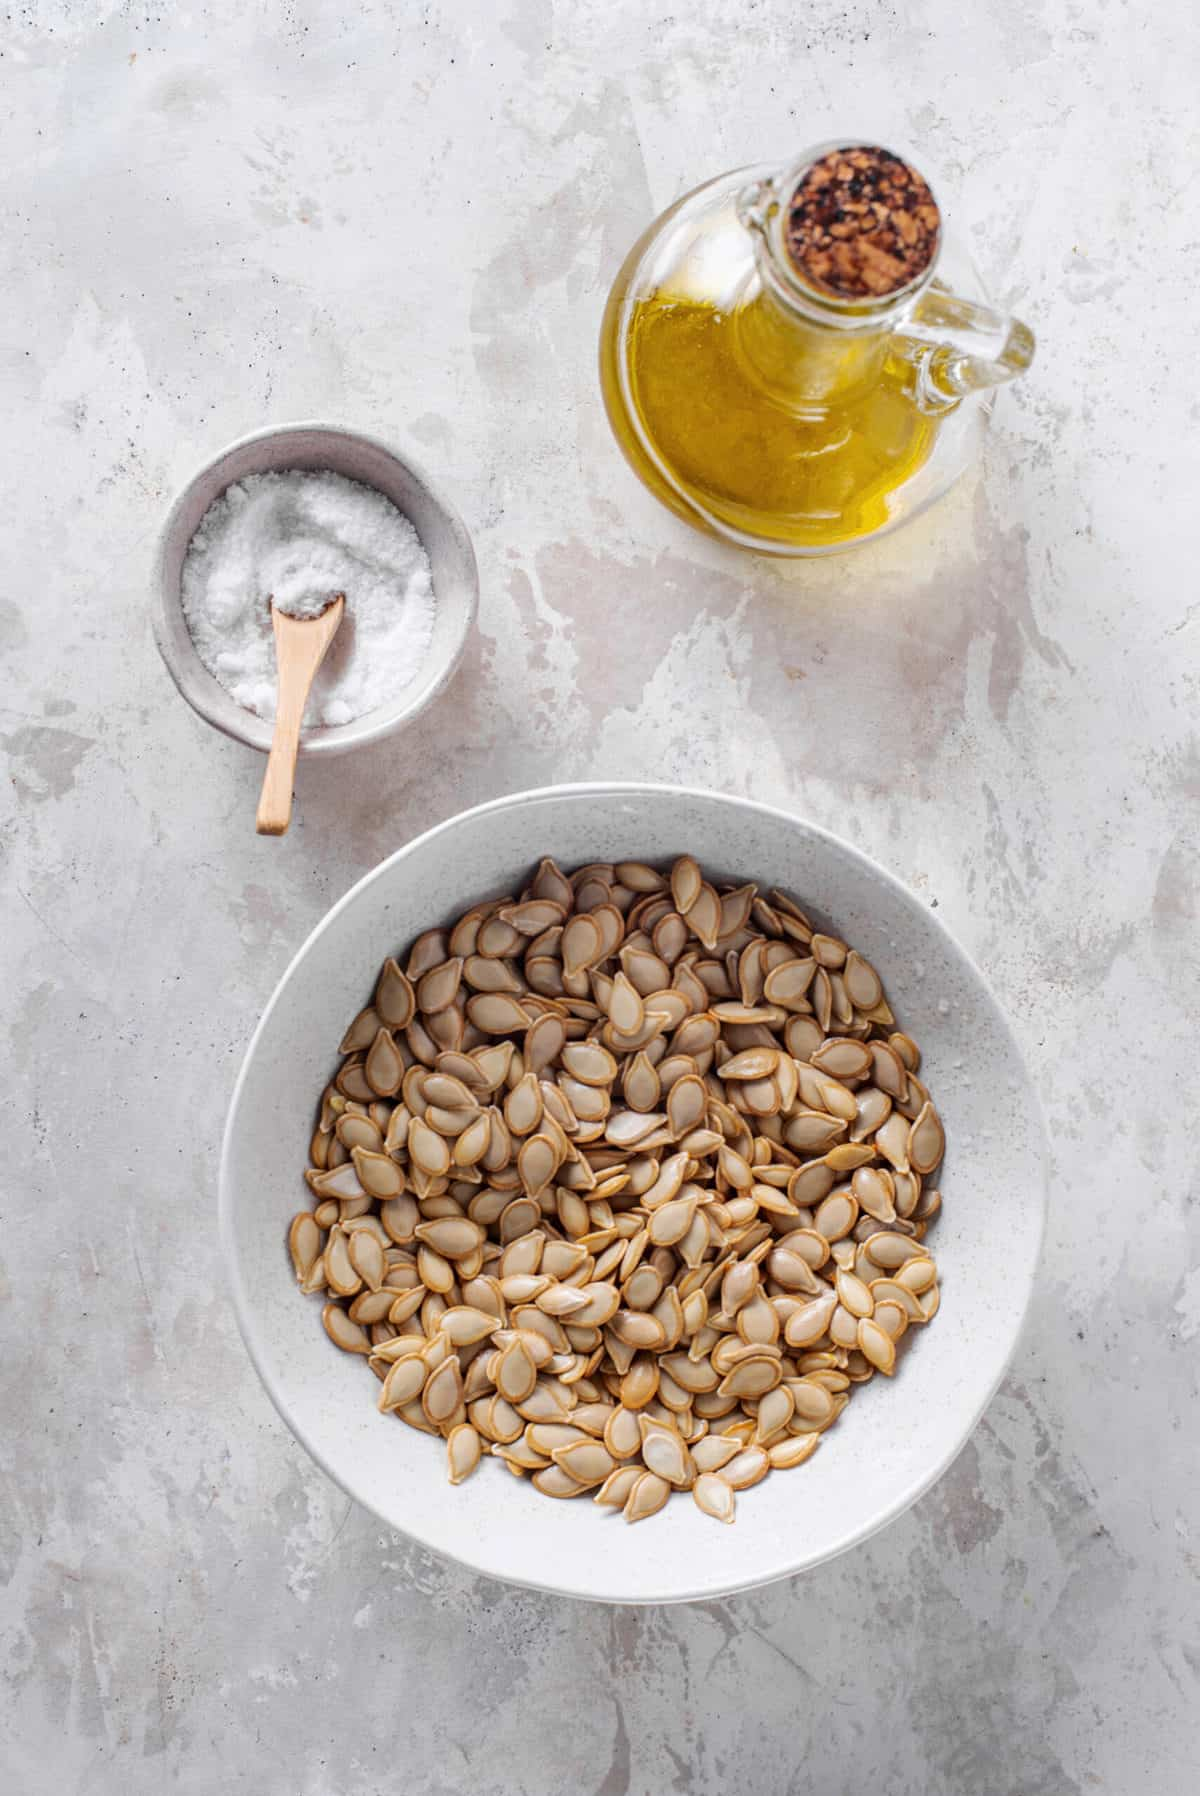 Ingredients to make roasted pumpkin seeds